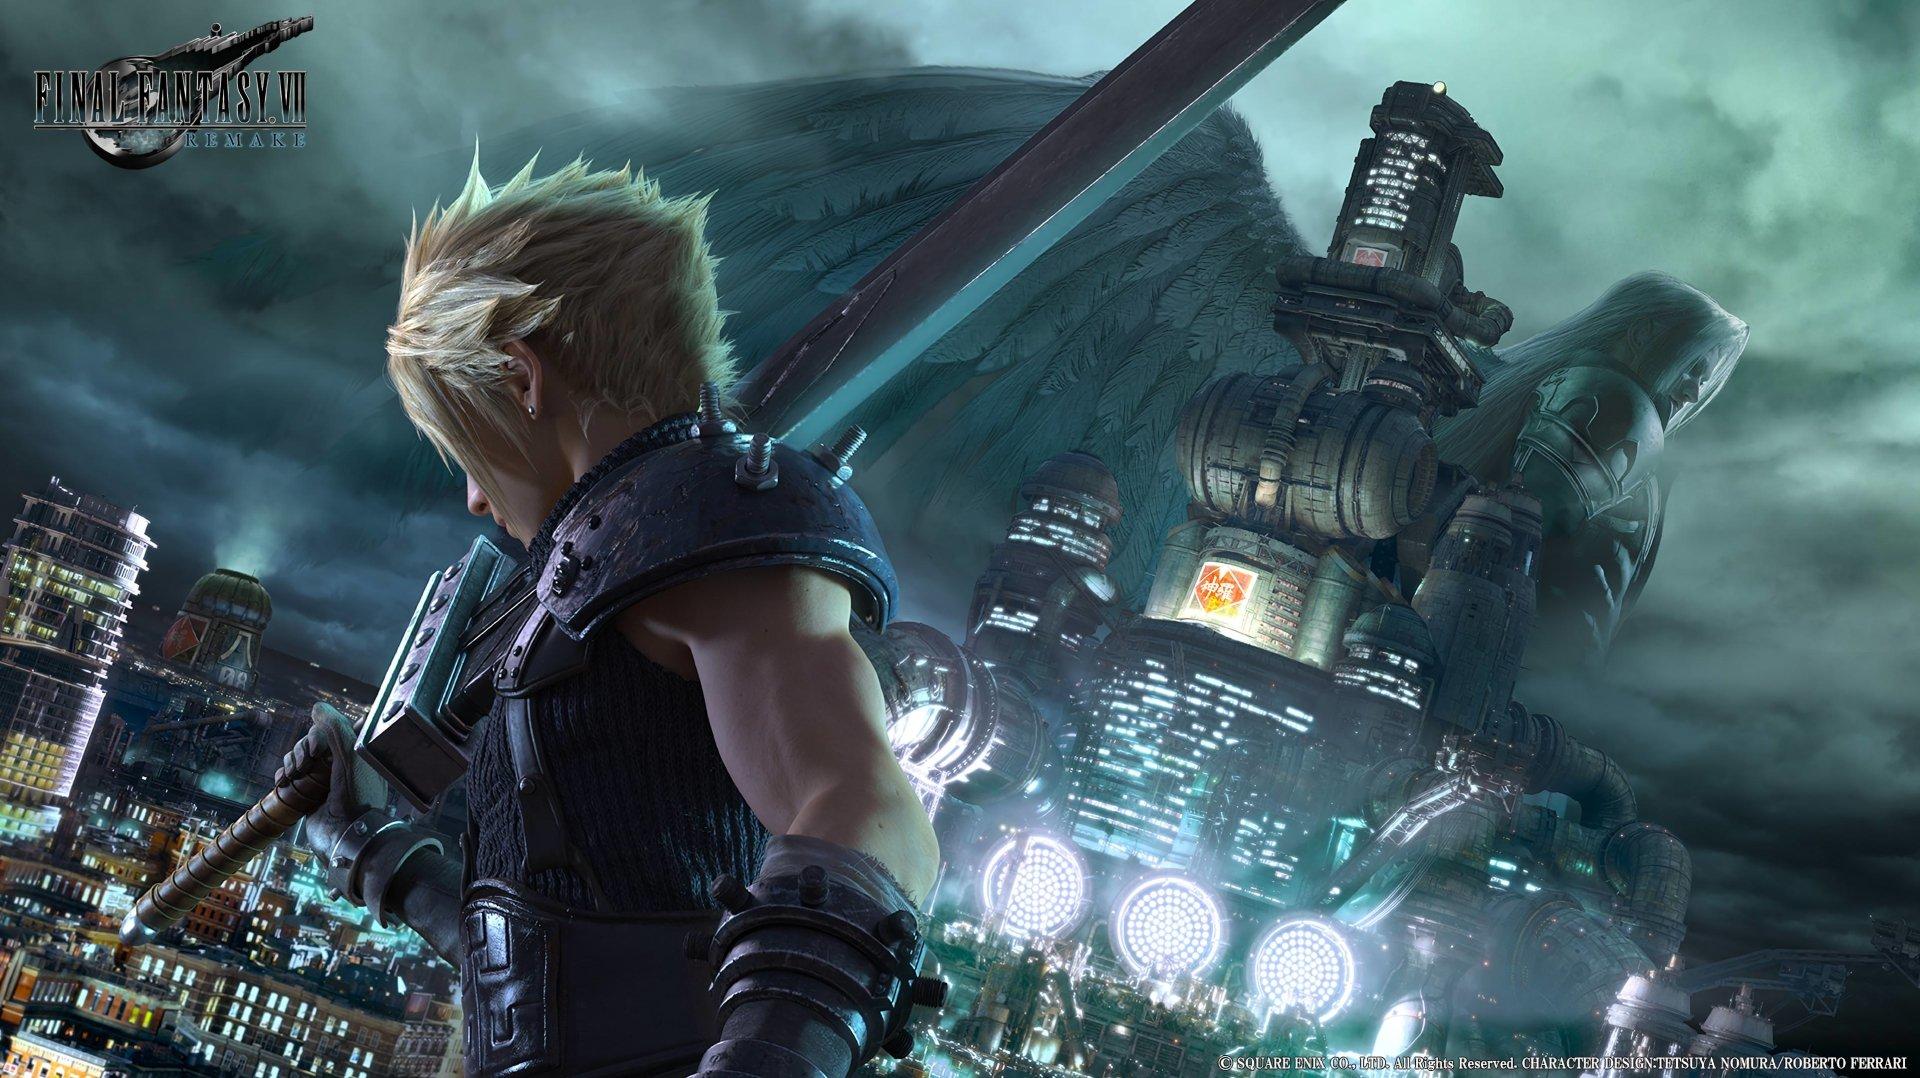 حجم-بازی-Final-Fantasy-7-Remake-روی-پلی-استیشن-4